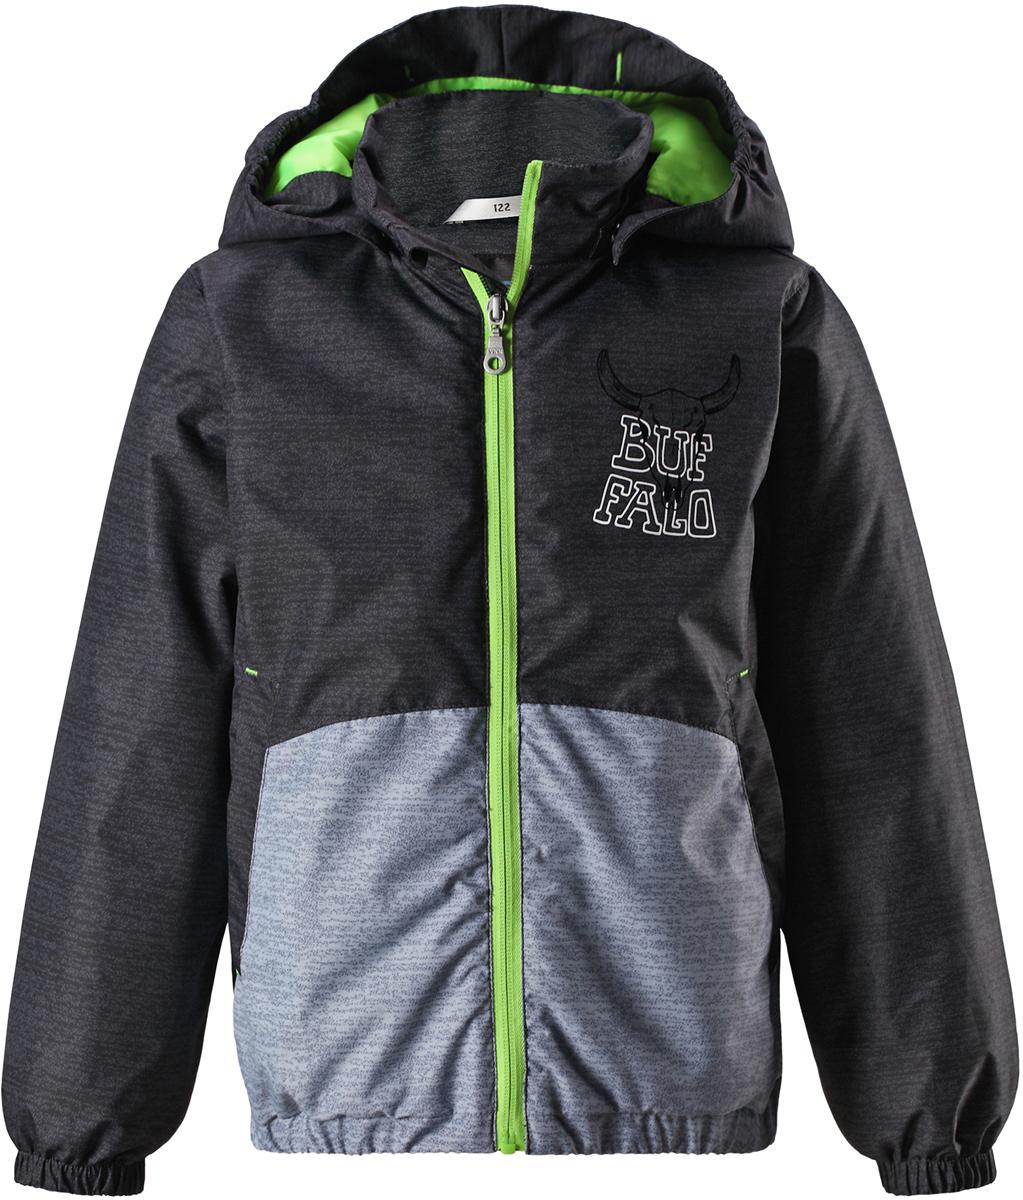 Куртка для мальчика Lassie, цвет: темно-серый. 721727R9261. Размер 134721727R9261Детская куртка Lassie идеально подойдет для ребенка в холодное время года. Куртка изготовлена из водоотталкивающей и ветрозащитной ткани. Материал отличается высокой устойчивостью к трению, благодаря специальной обработке полиуретаном поверхность изделия отталкивает грязь и воду, что облегчает поддержание аккуратного вида одежды, дышащее покрытие с изнаночной части не раздражает даже самую нежную и чувствительную кожу ребенка, обеспечивая ему наибольший комфорт. Куртка застегивается на пластиковую застежку-молнию с защитой подбородка, благодаря чему ее легко надевать и снимать. Края рукавов дополнены неширокими эластичными манжетами. Также модель дополнена светоотражающими элементами для безопасности в темное время суток. Все швы проклеены, не пропускают влагу и ветер.